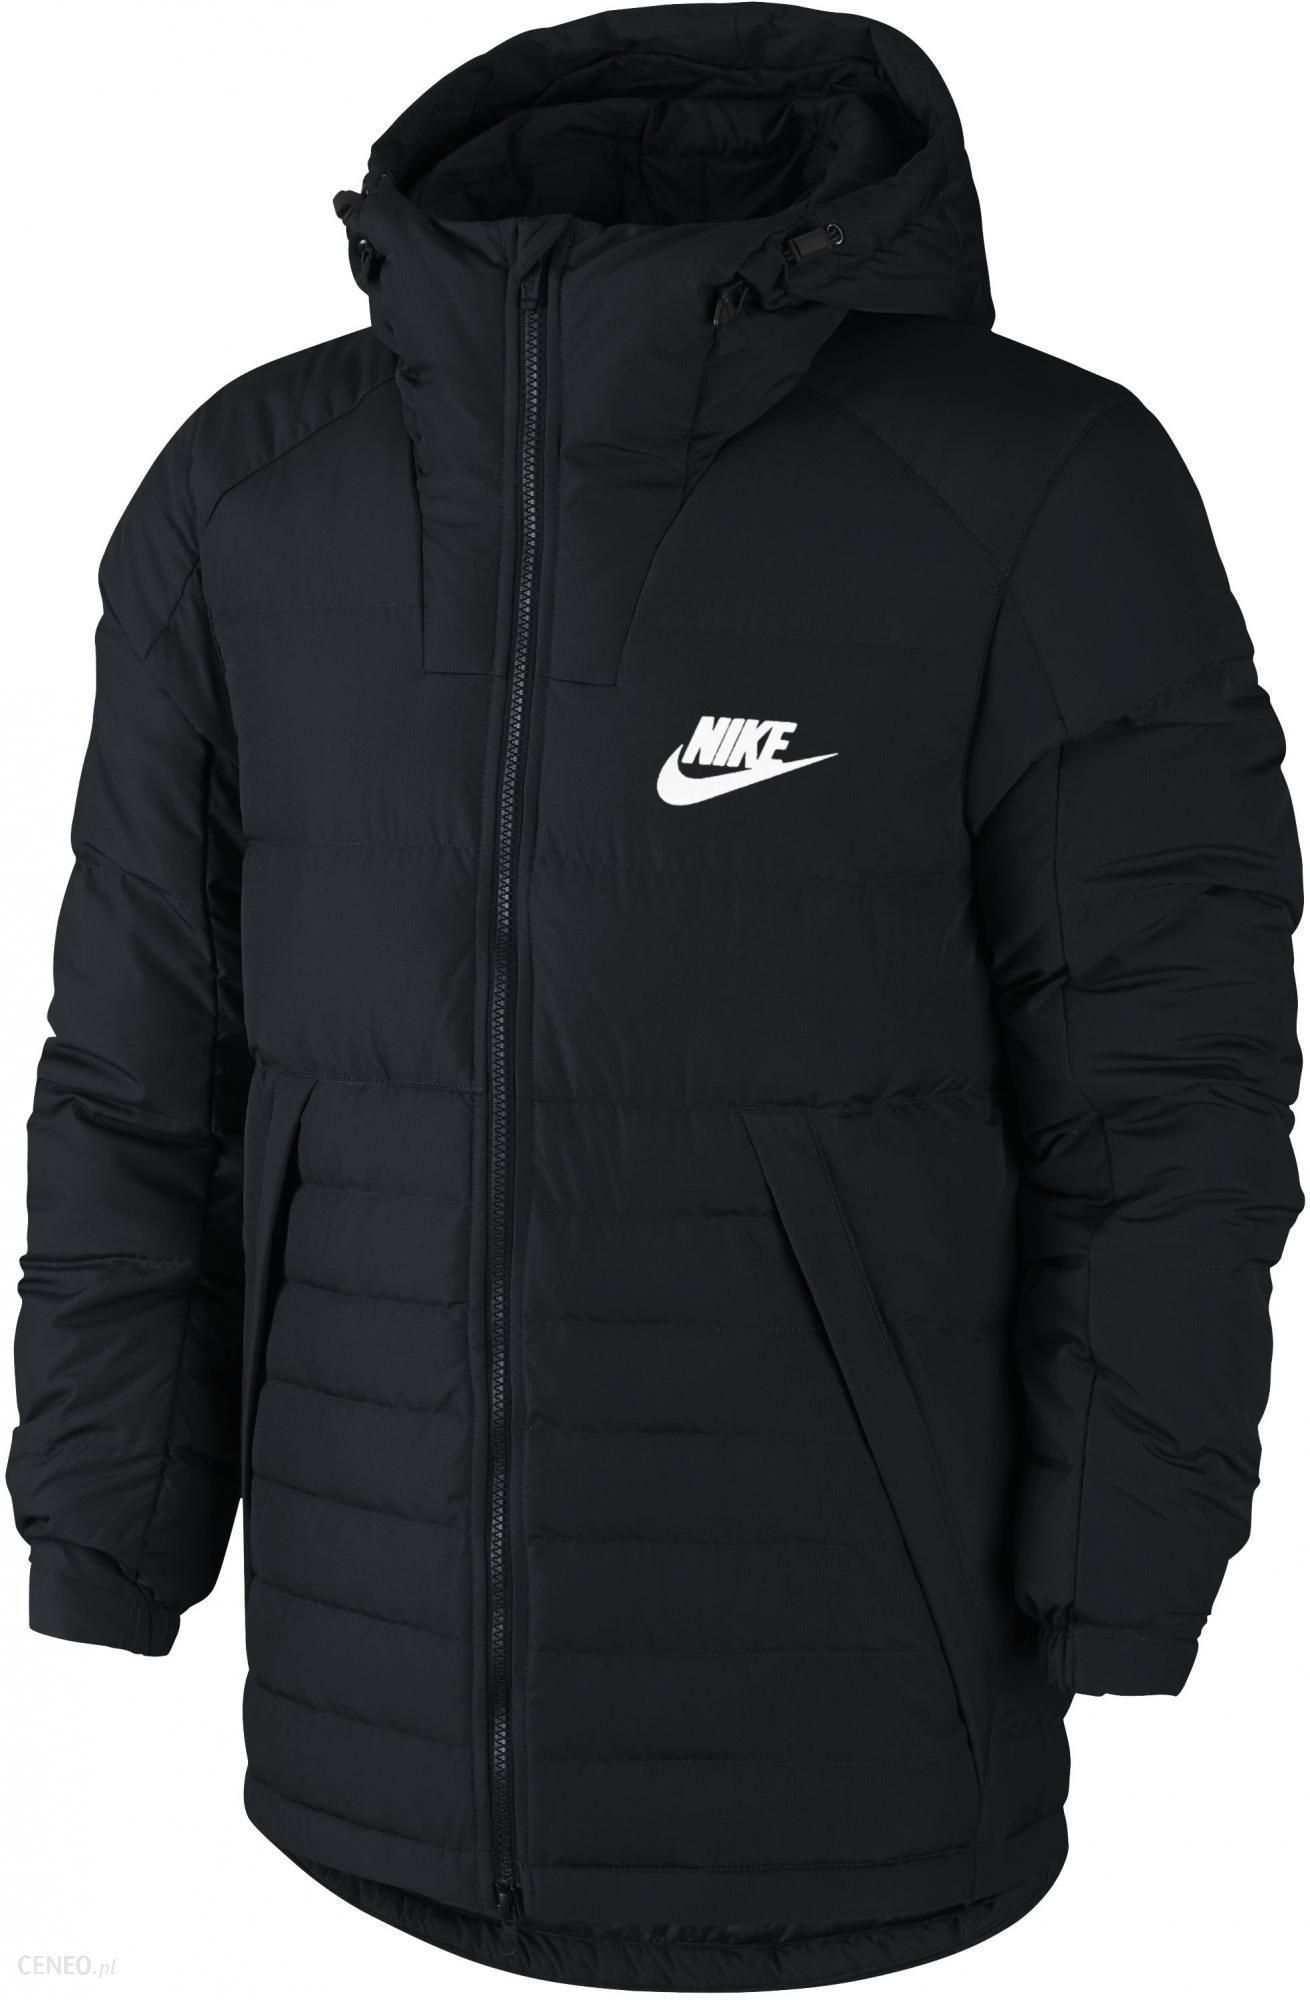 Nike kurtka M NSW DOWN FILL HD JACKET Black L Ceny i opinie Ceneo.pl